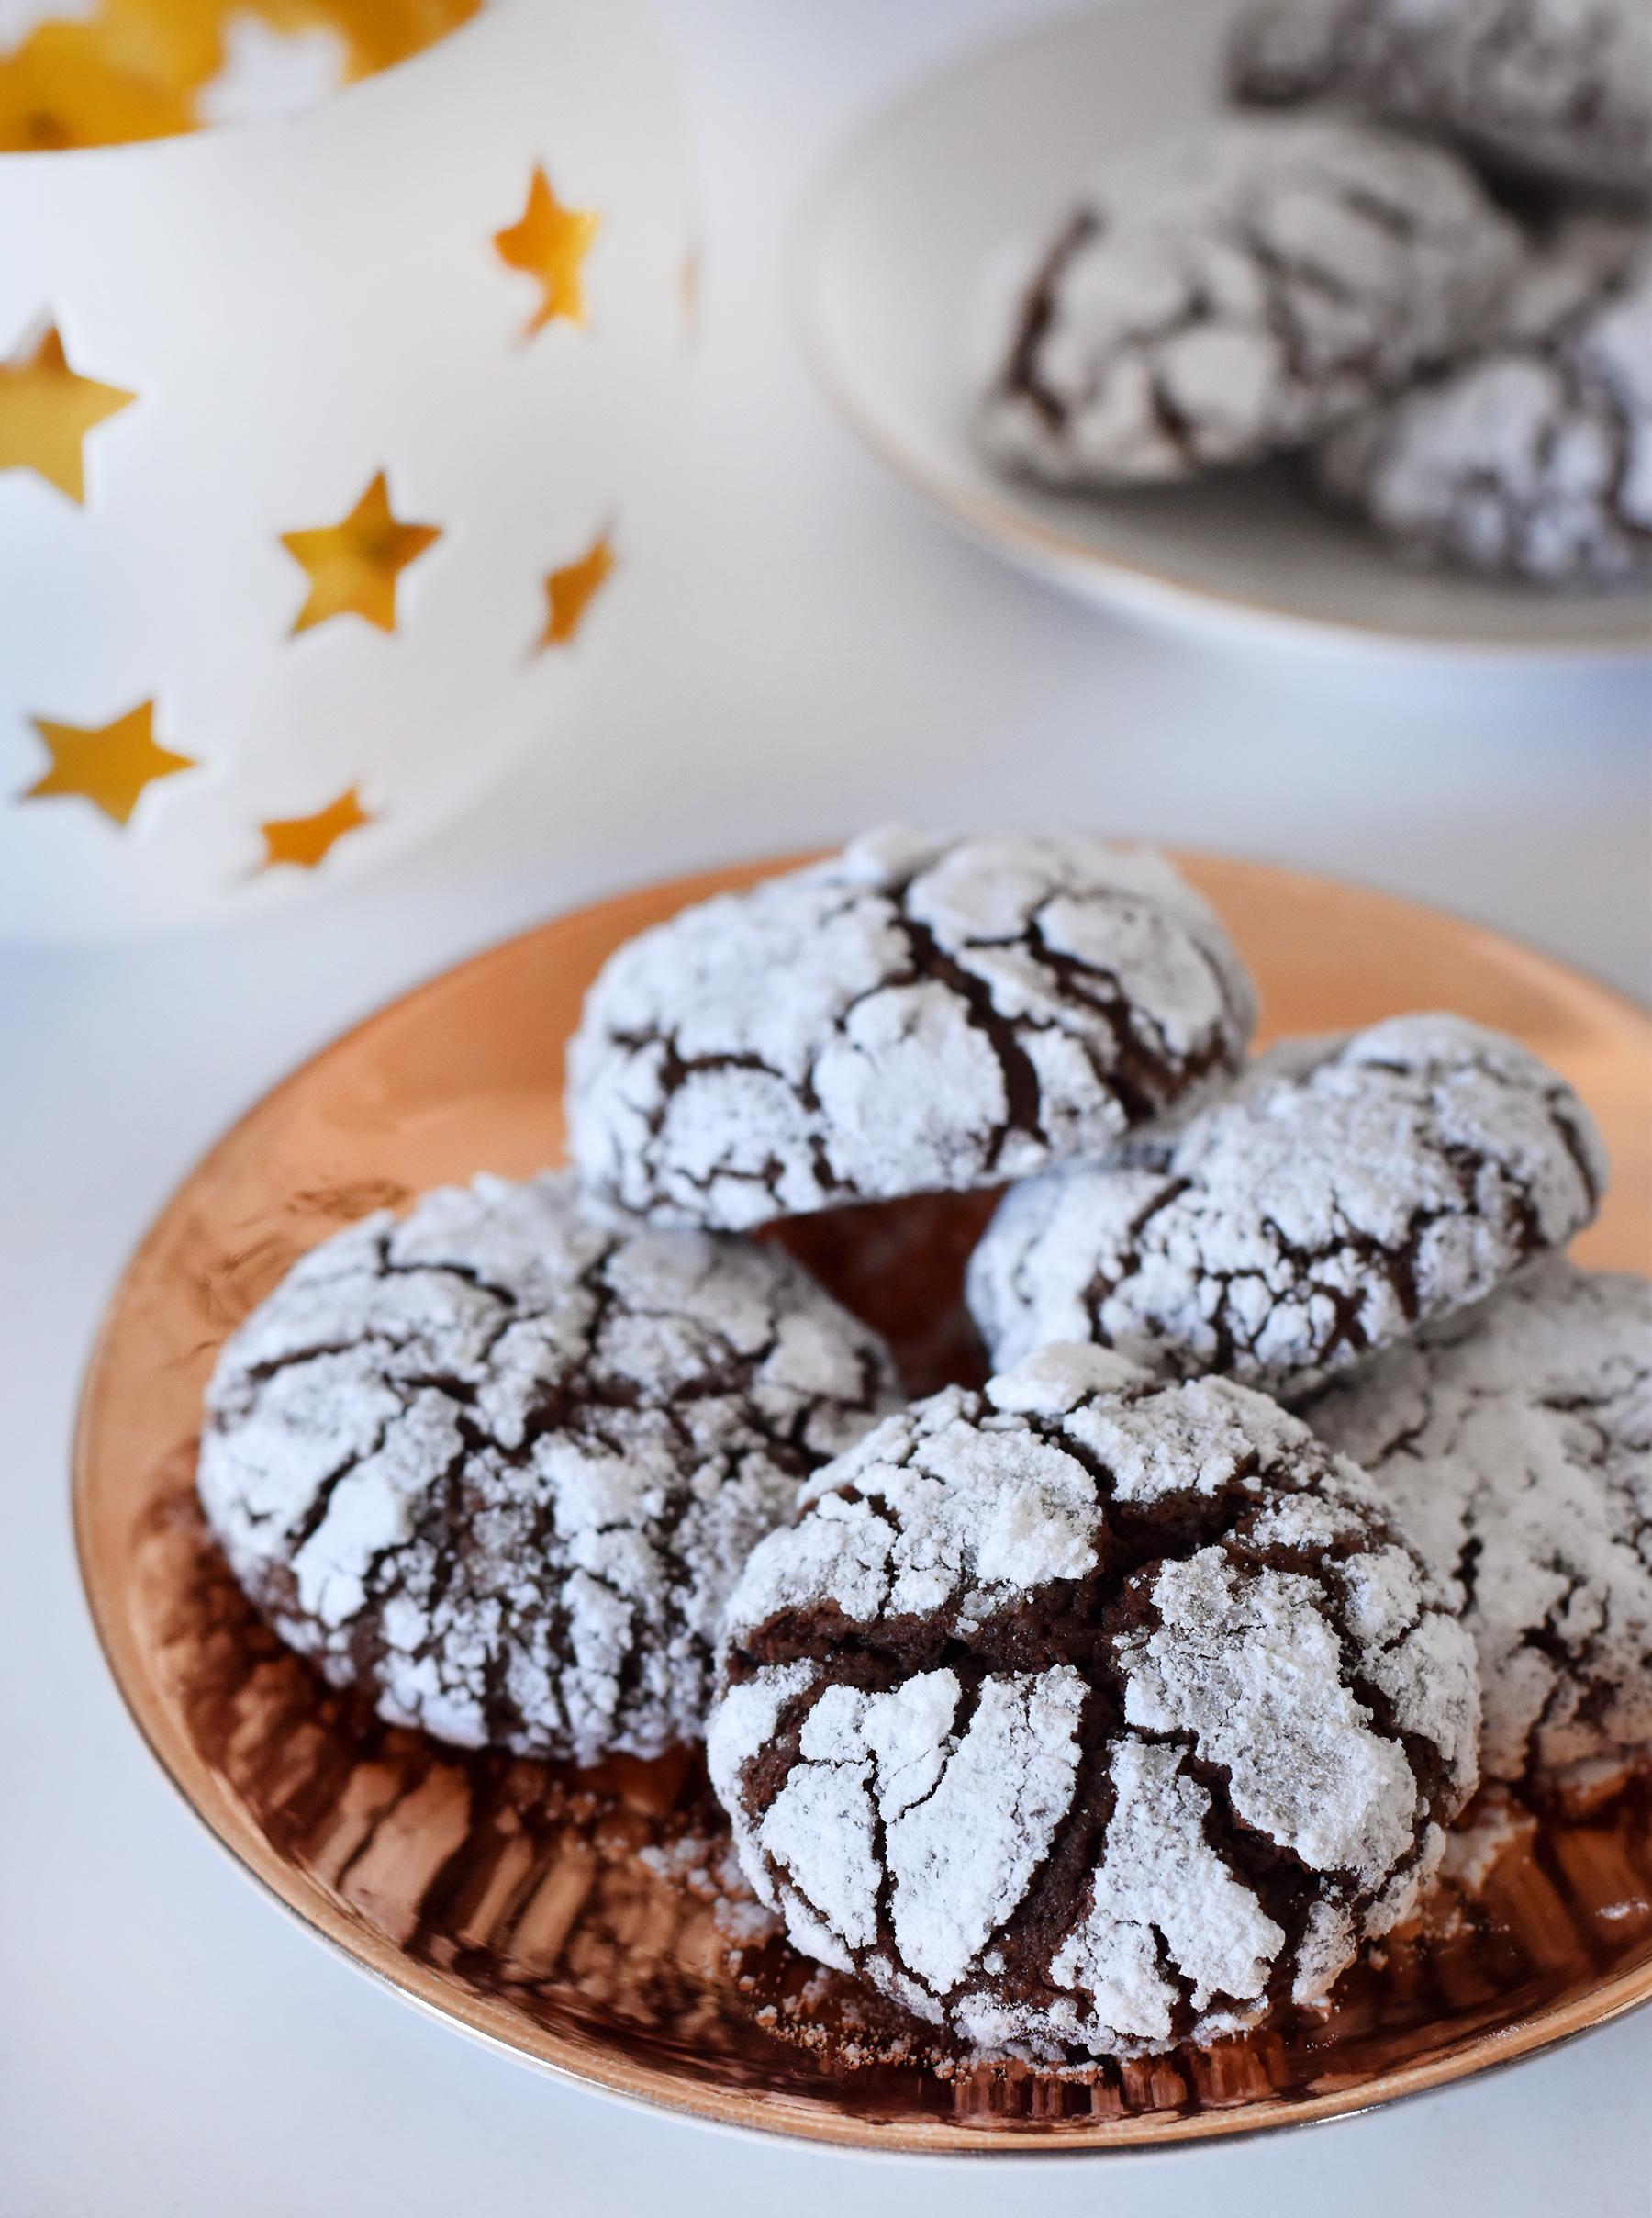 עוגיות שוקולד וחלבה